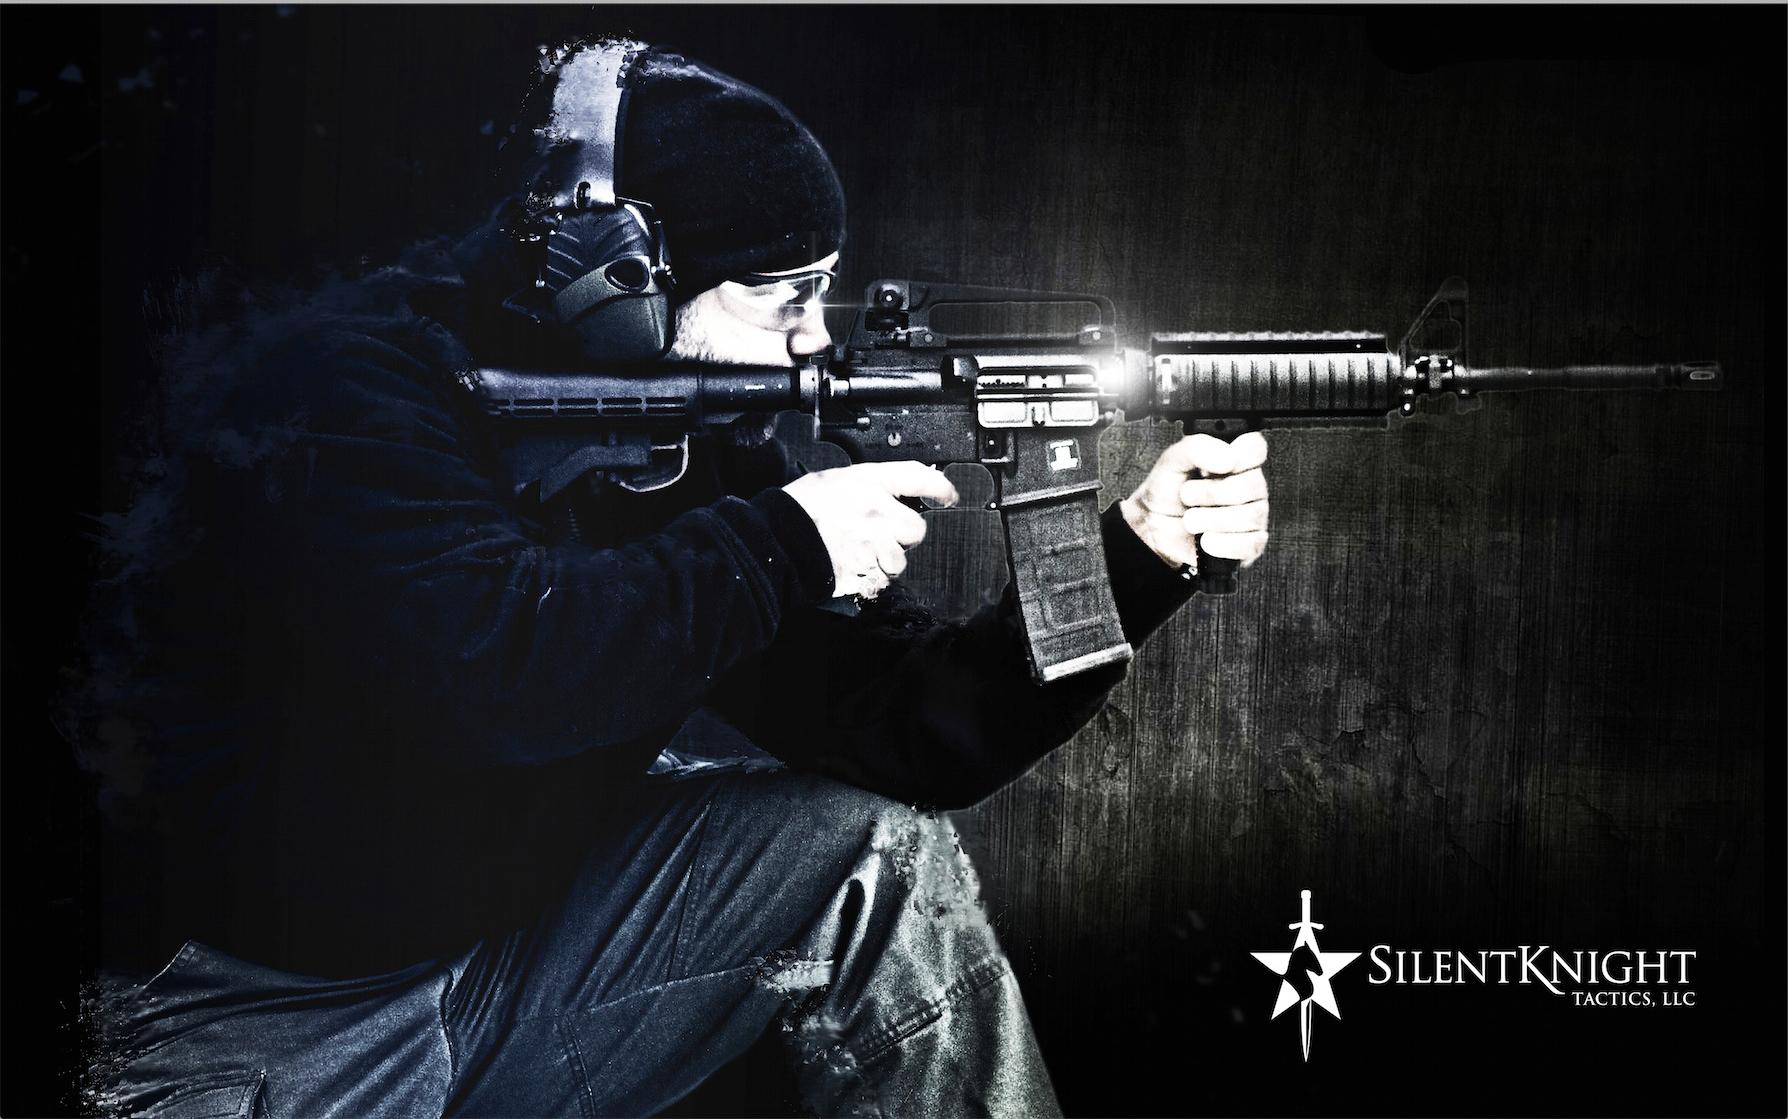 SilentKnight Tactics, LLC image 3